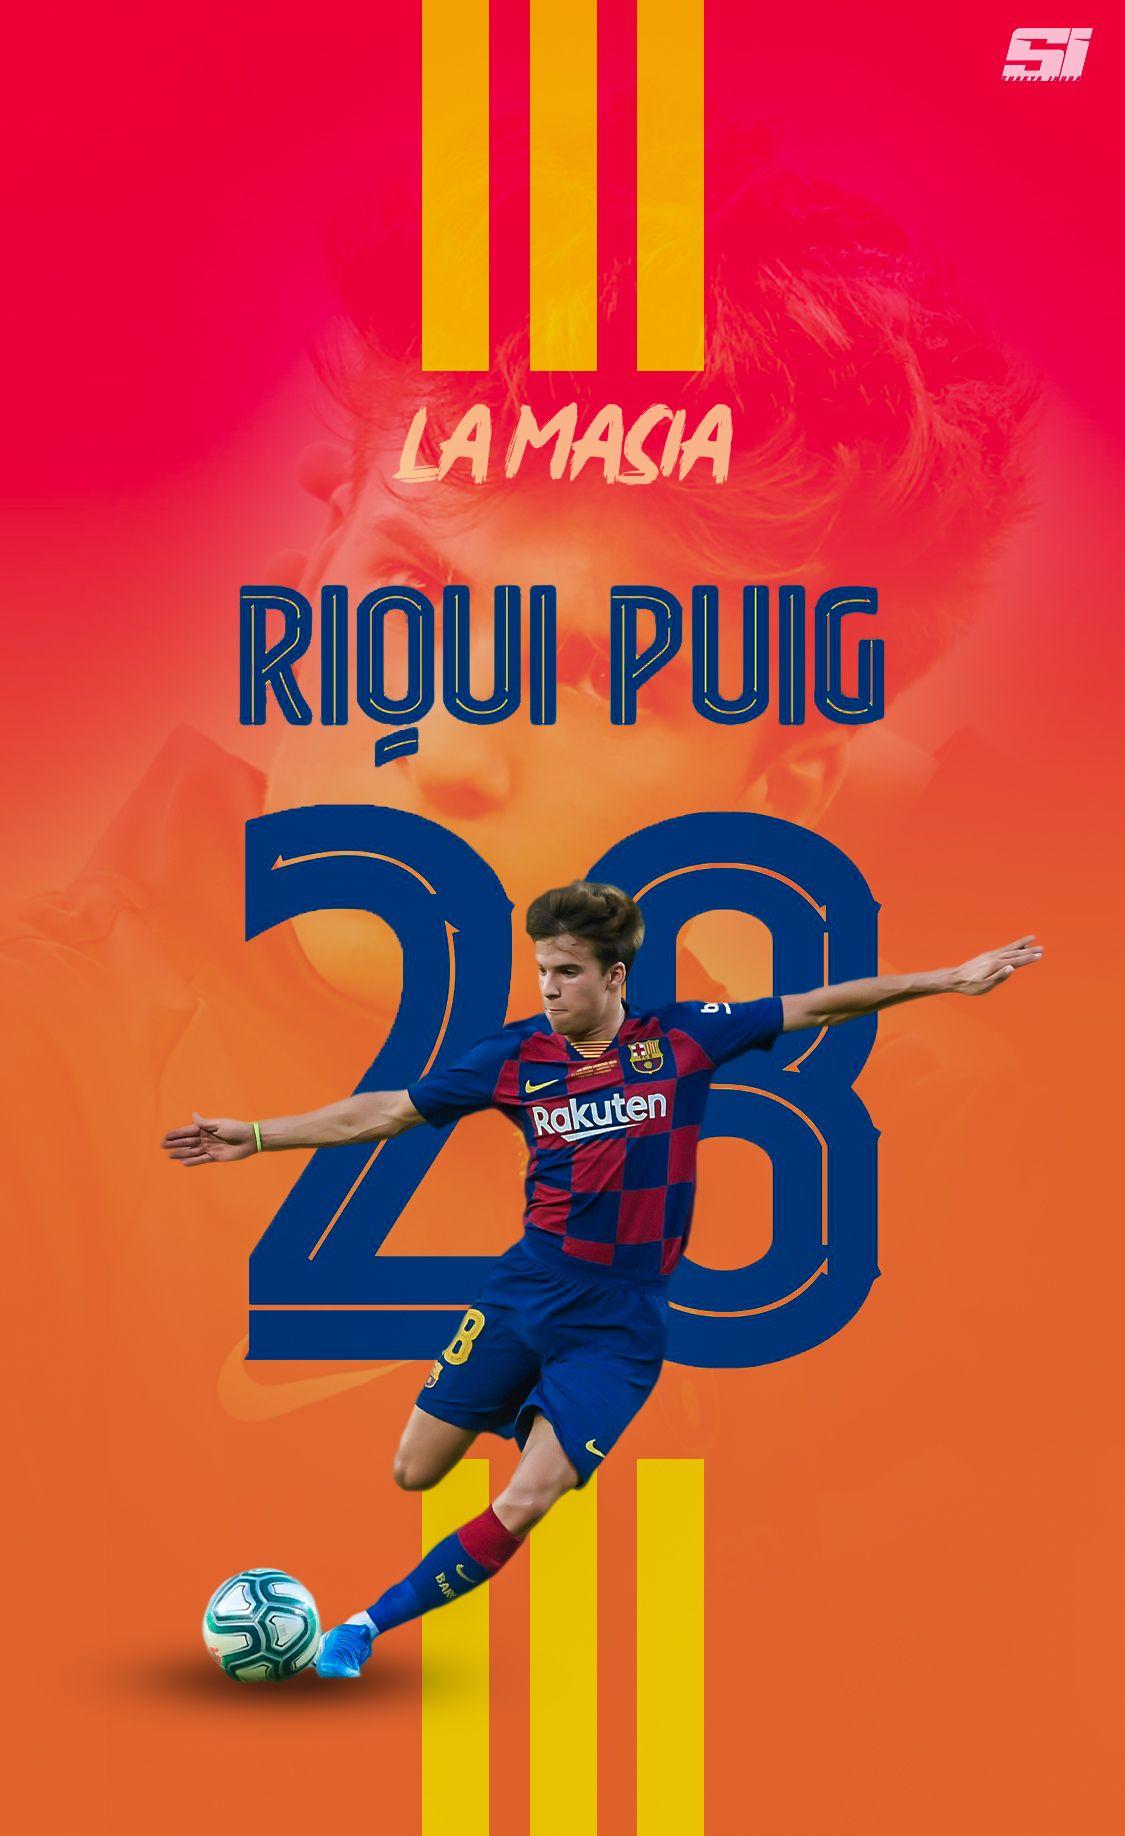 Riqui Puig Futbol De Barcelona Jugador De Futbol Fotos De Futbol